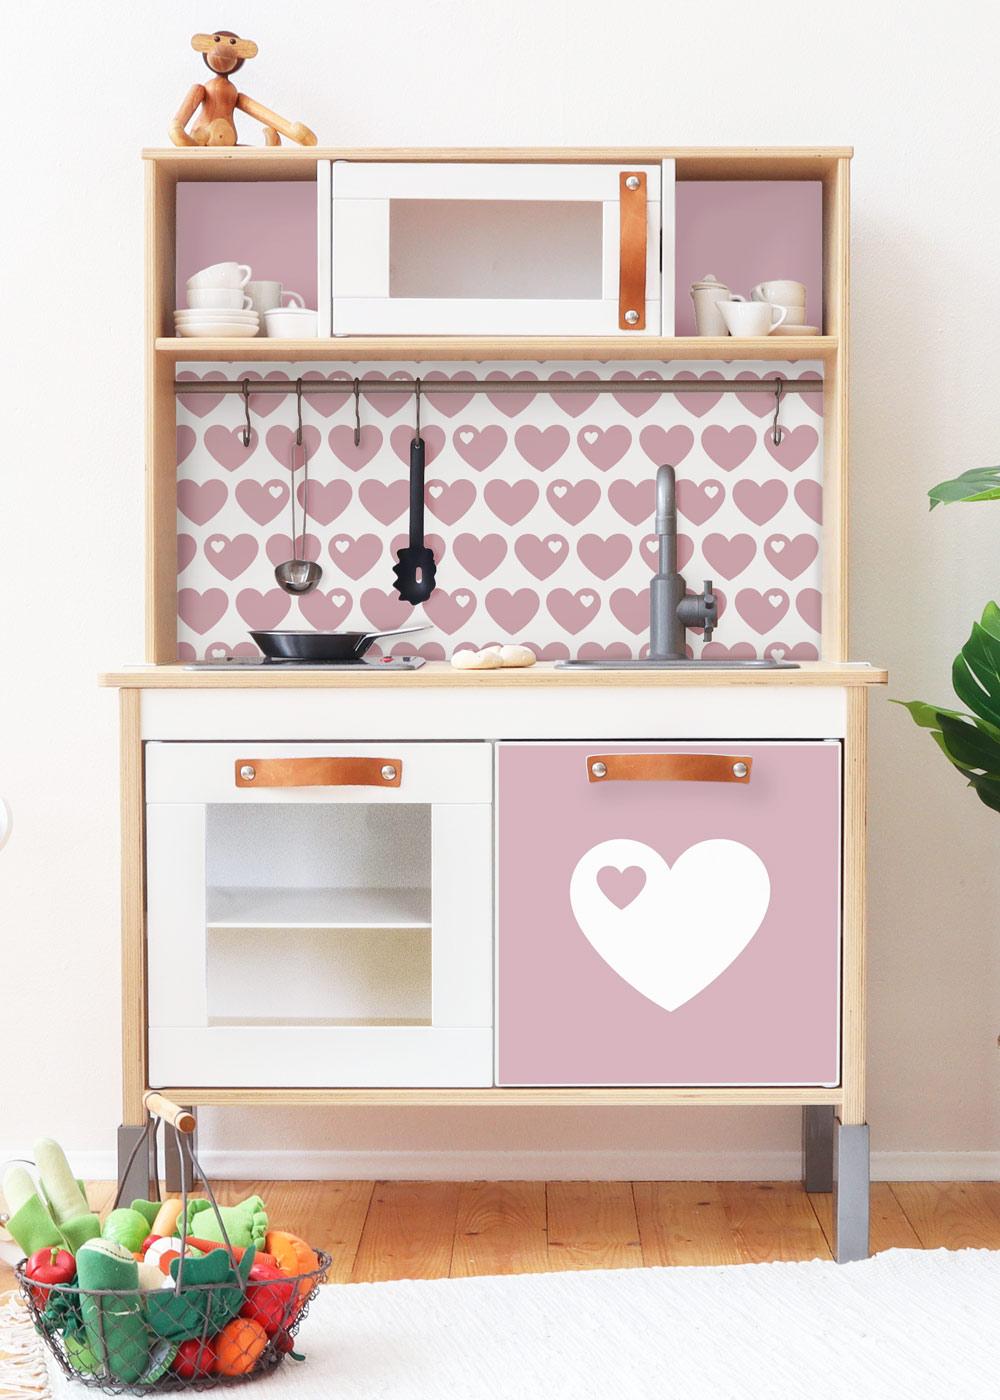 Ikea Duktig Kinderküche Herz ByGraziela altrosa Frontansicht